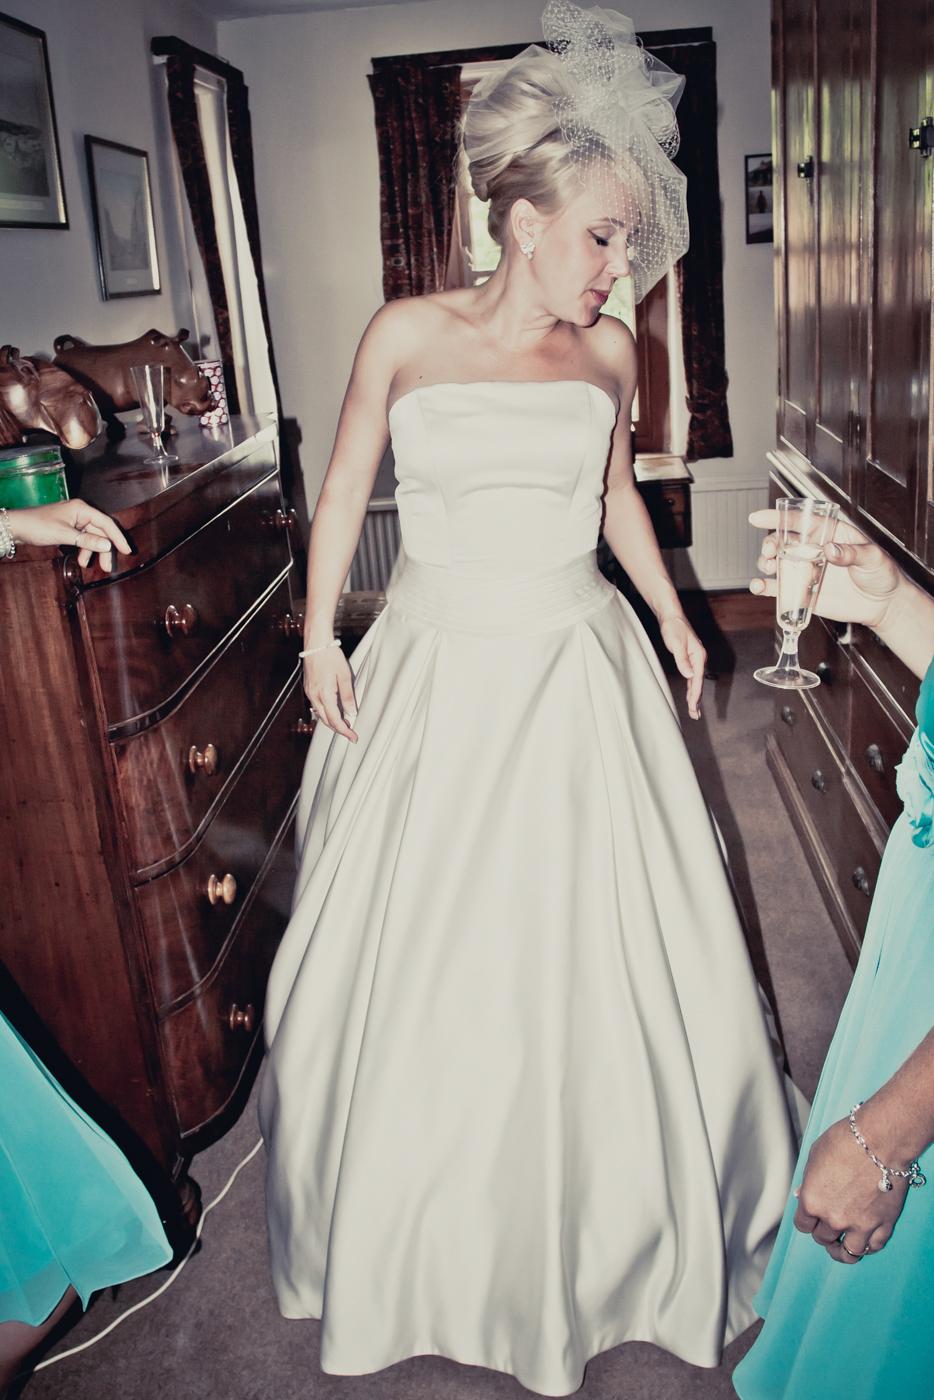 041 Keedy and Carl at The Secret Garden in Retford  - Wedding Photography by Mark Pugh www.markpugh.com_.jpg